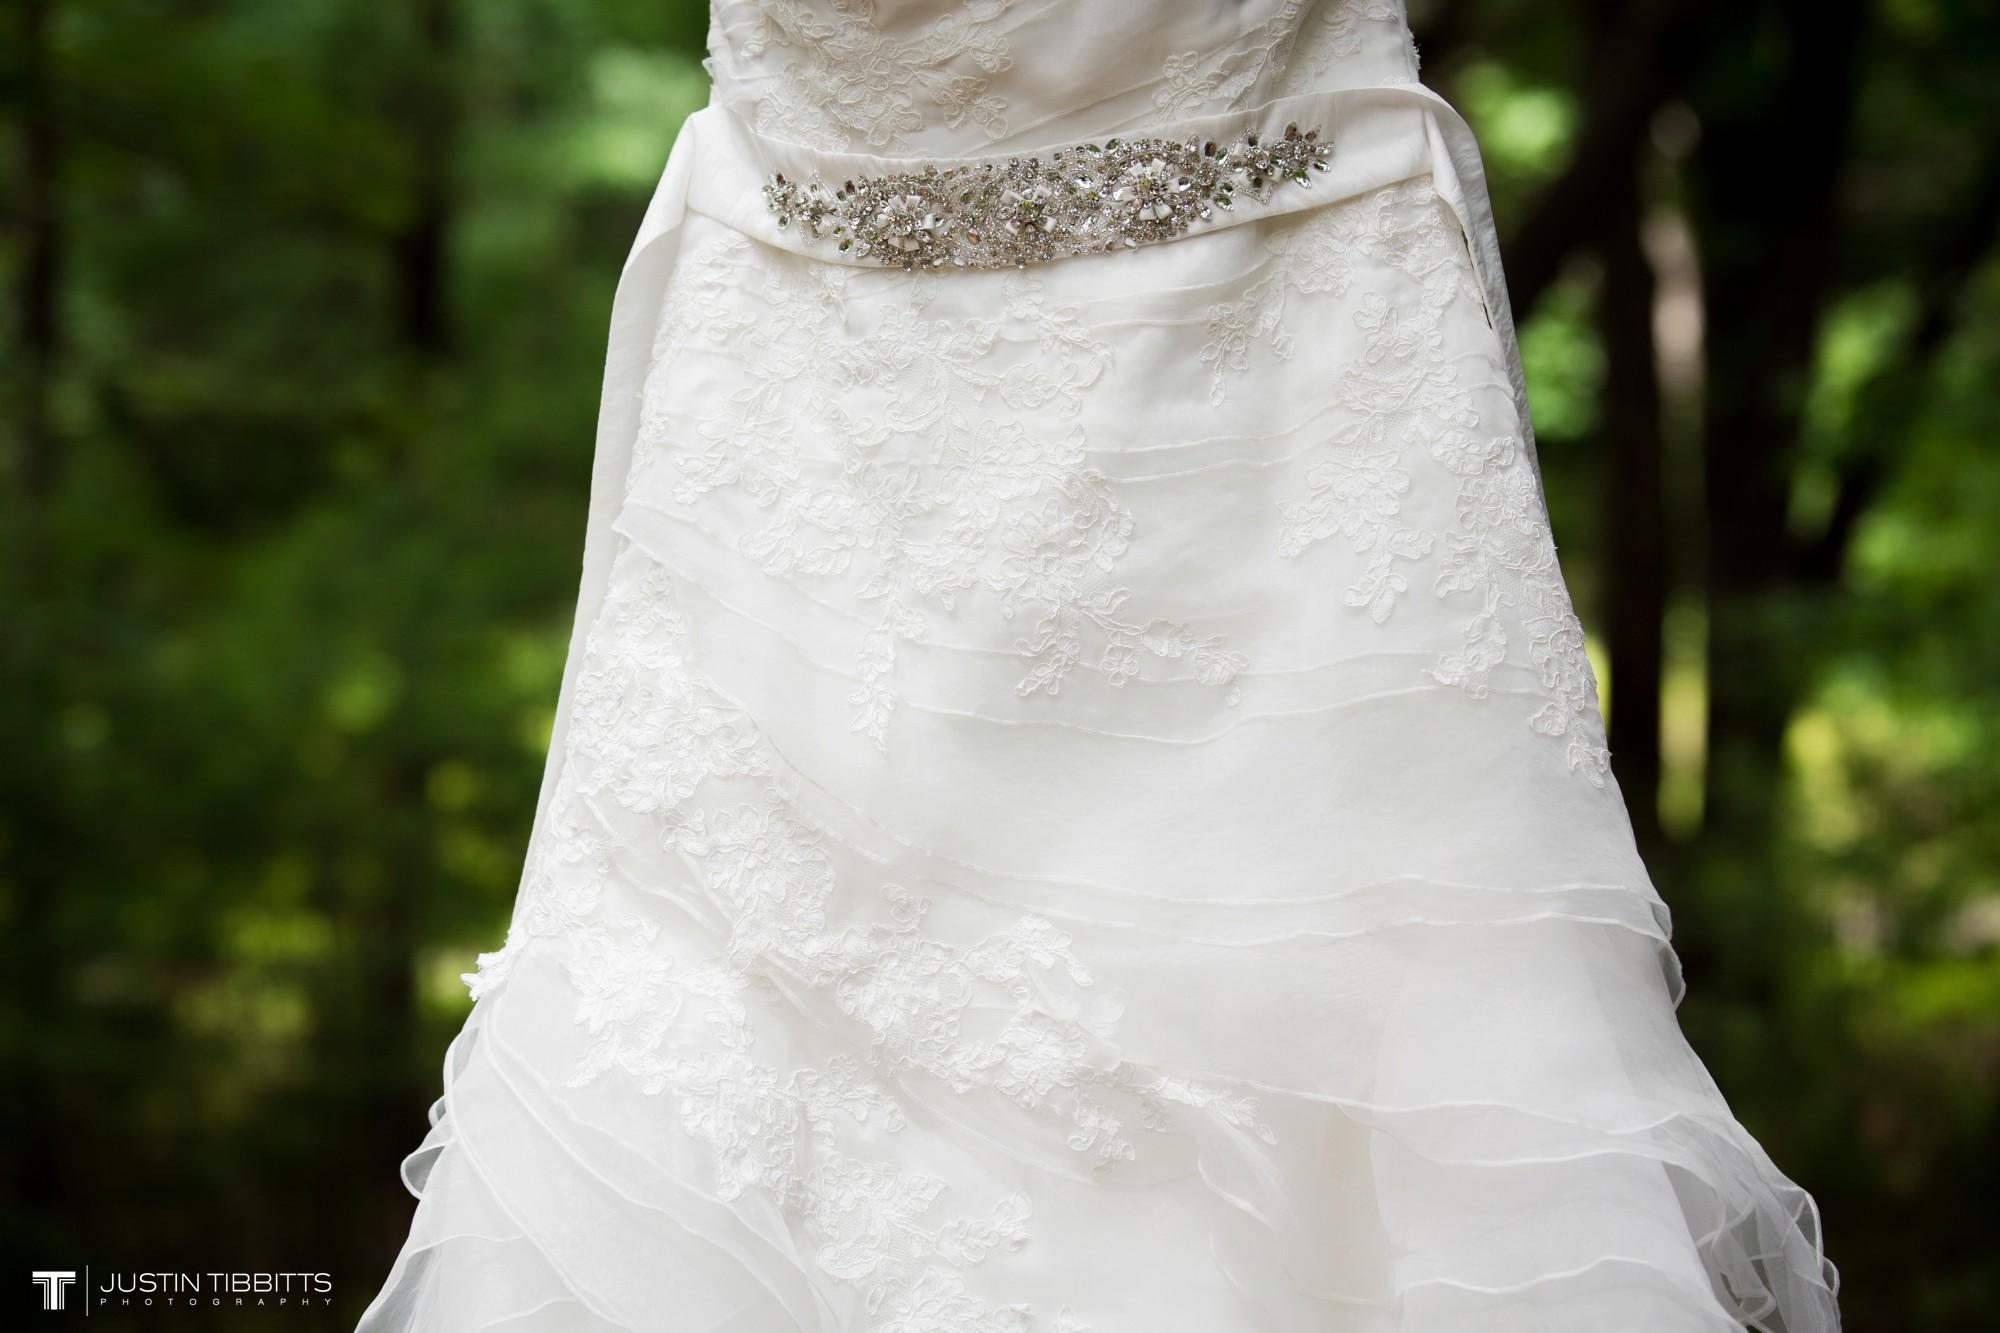 Albany NY Wedding Photographer Justin Tibbitts Photography 2014 Best of Albany NY Weddings-3325351028518